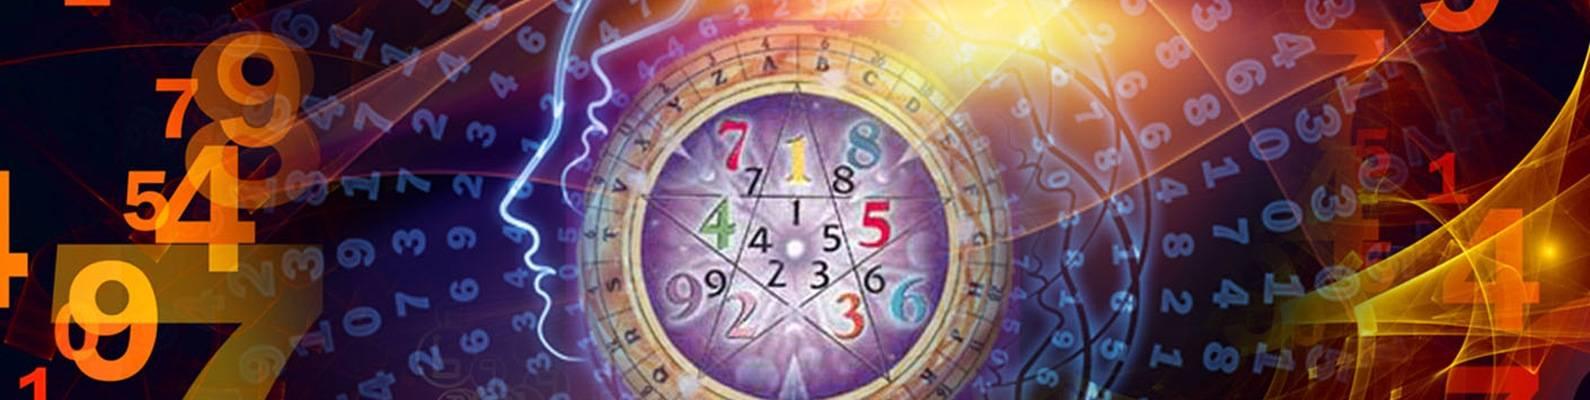 Практическая нумерология: число жизненного пути